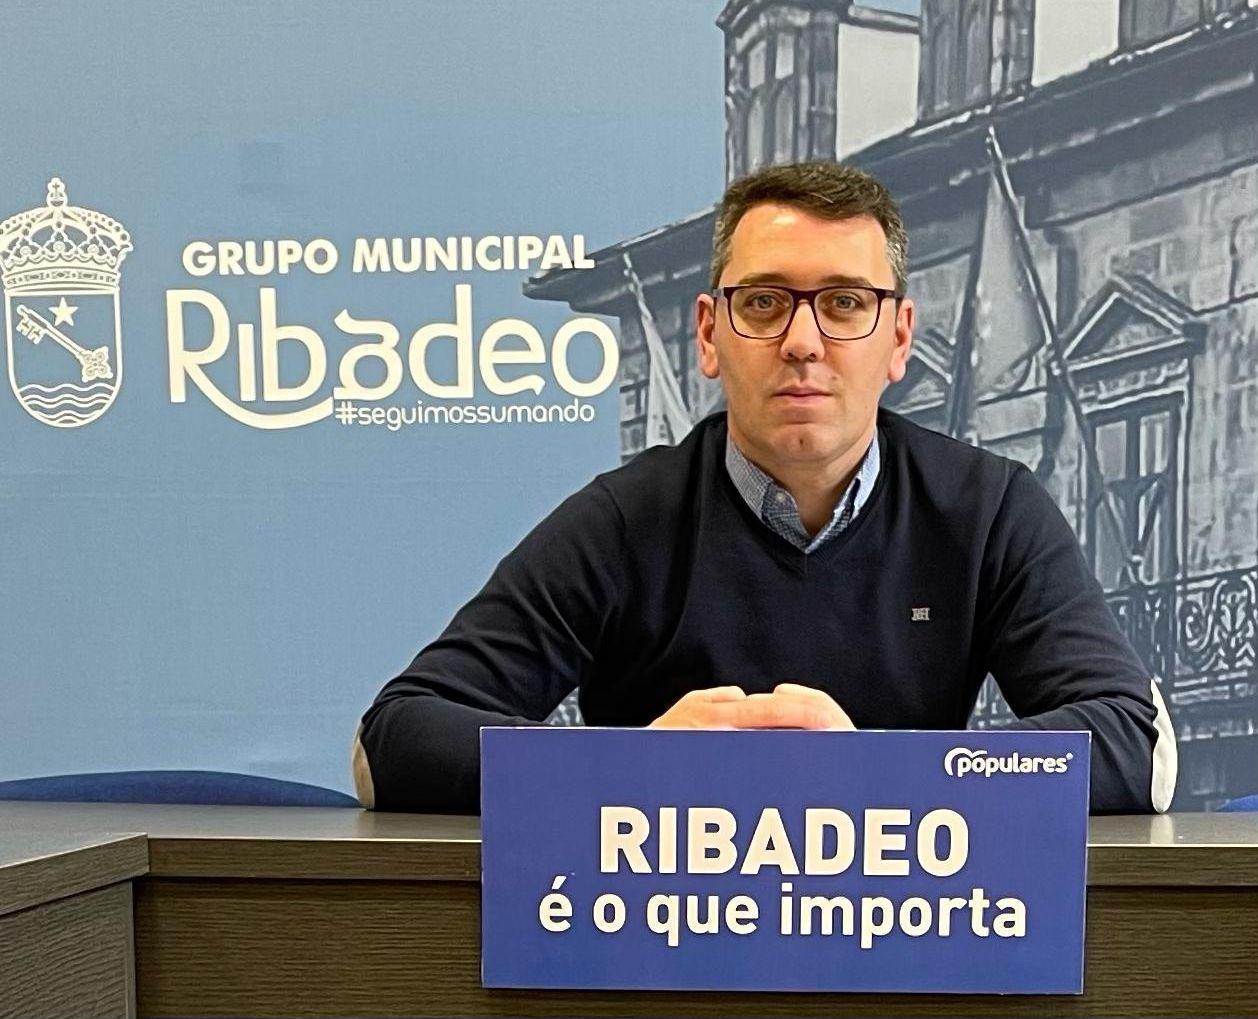 Daniel Vega pedirá na comisión informativa documentación para coñecer canto supón a herdanza do doutor Moreda